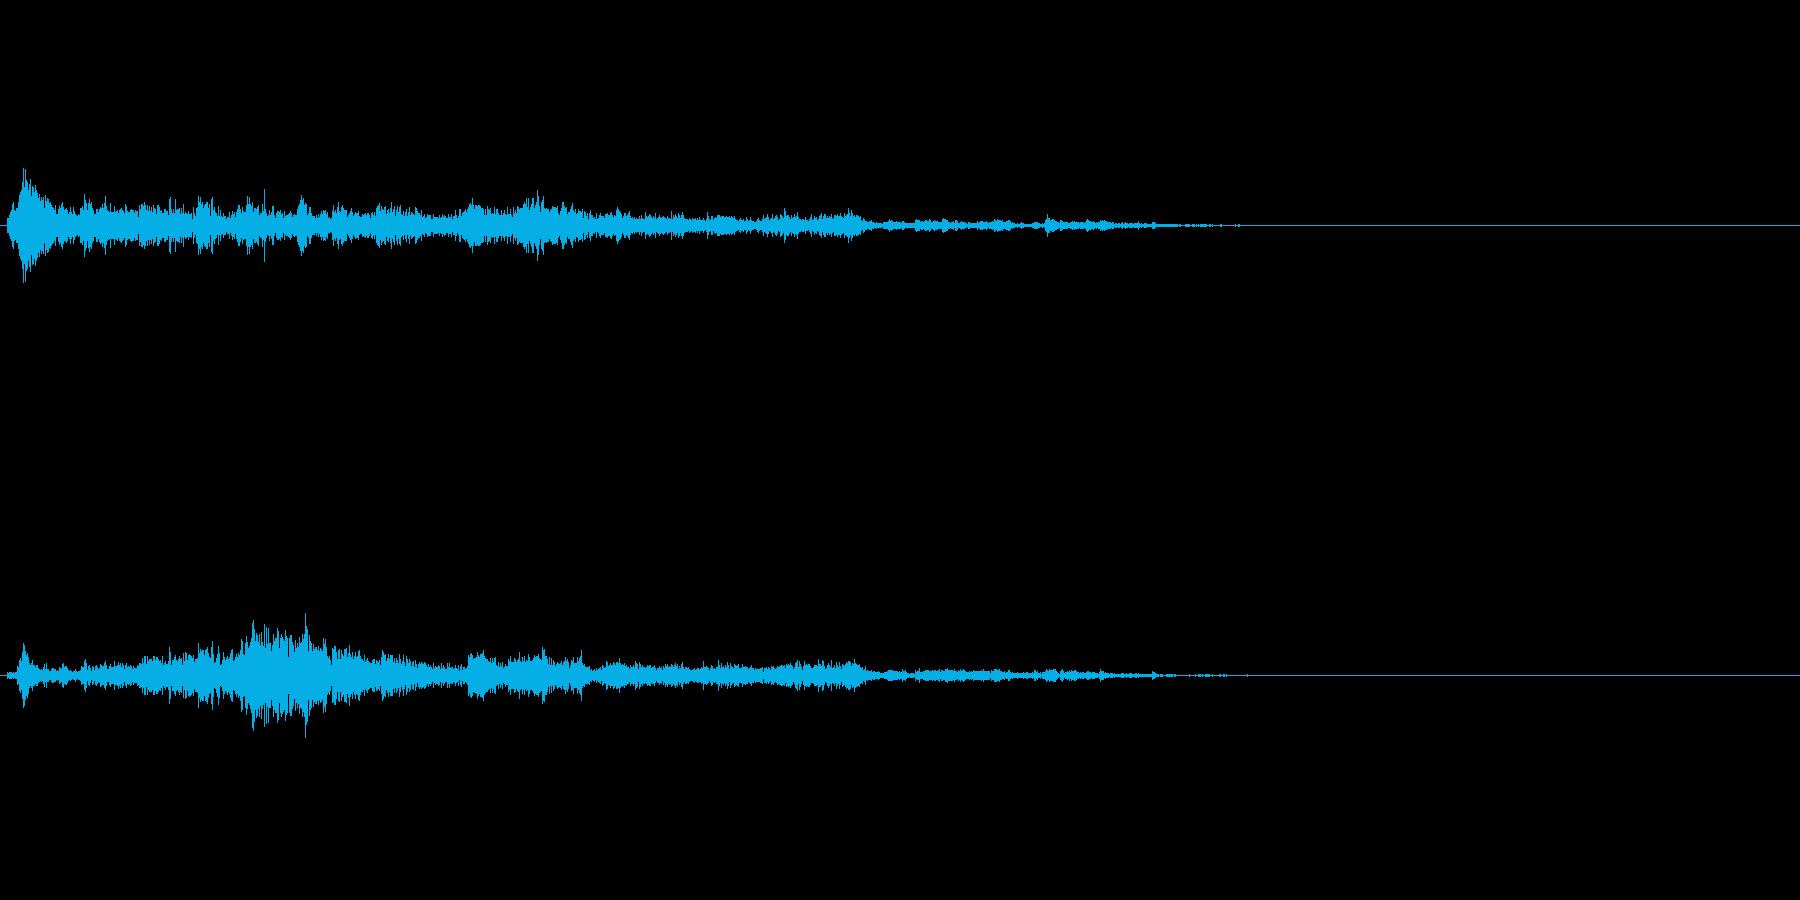 ワープや何か召還した時用効果音の再生済みの波形